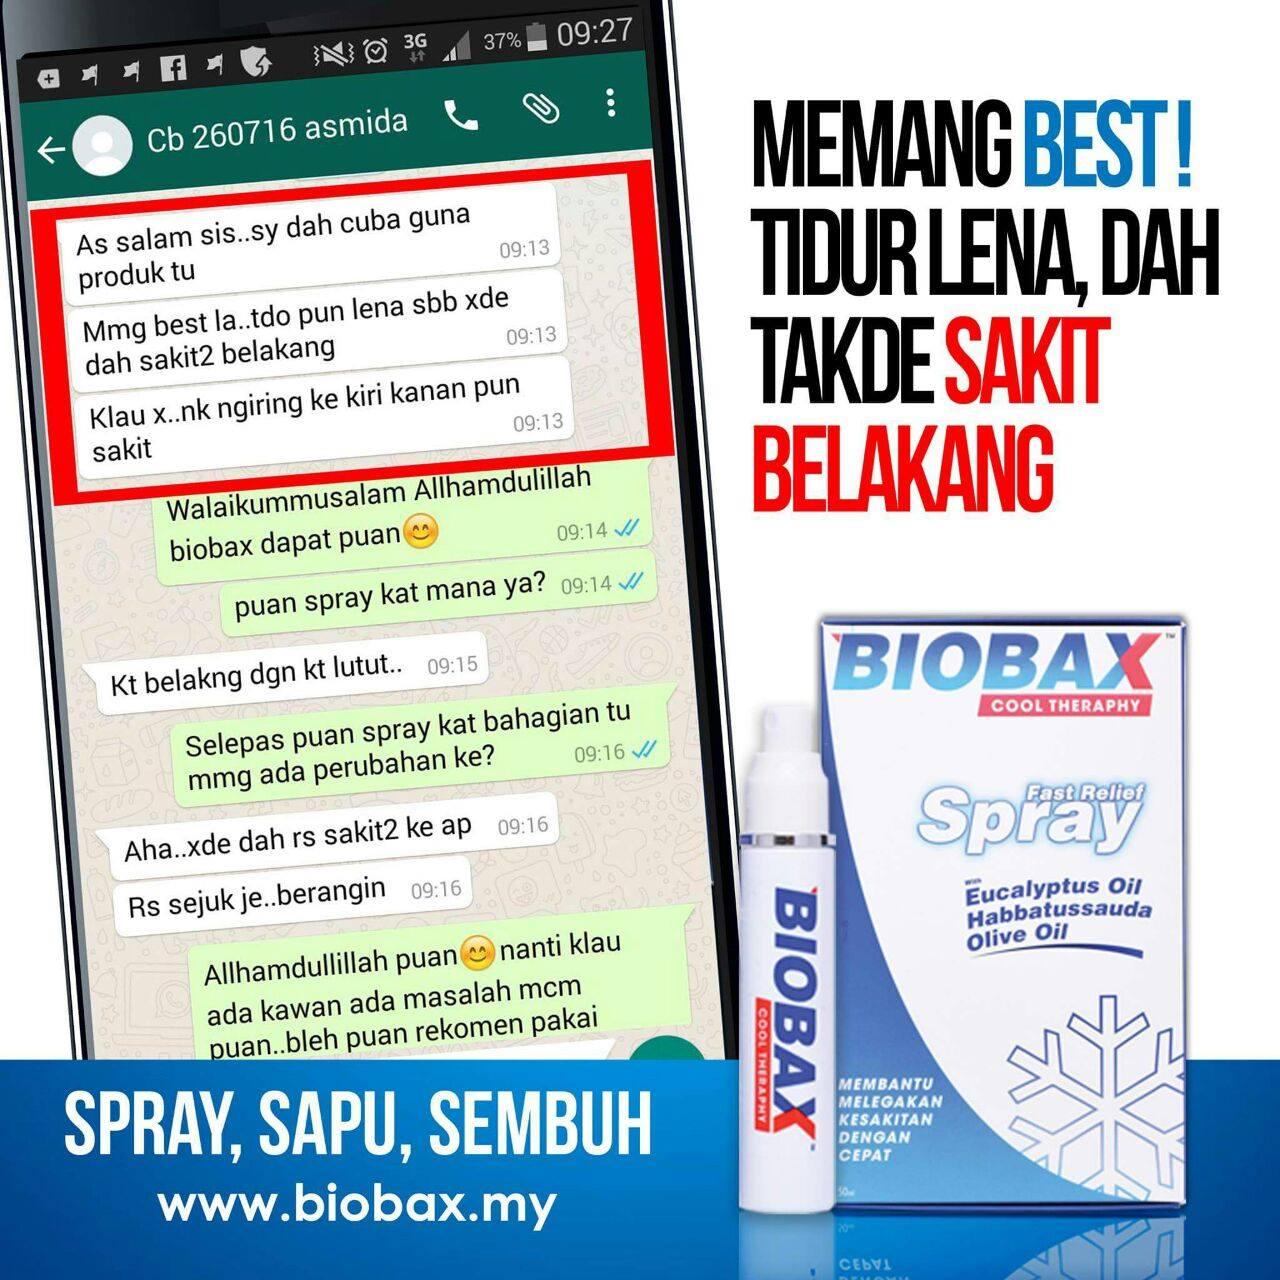 Biobax Spray - melegakan, mengurangkan & menyembuhkan sakit belakang & sakit pinggang